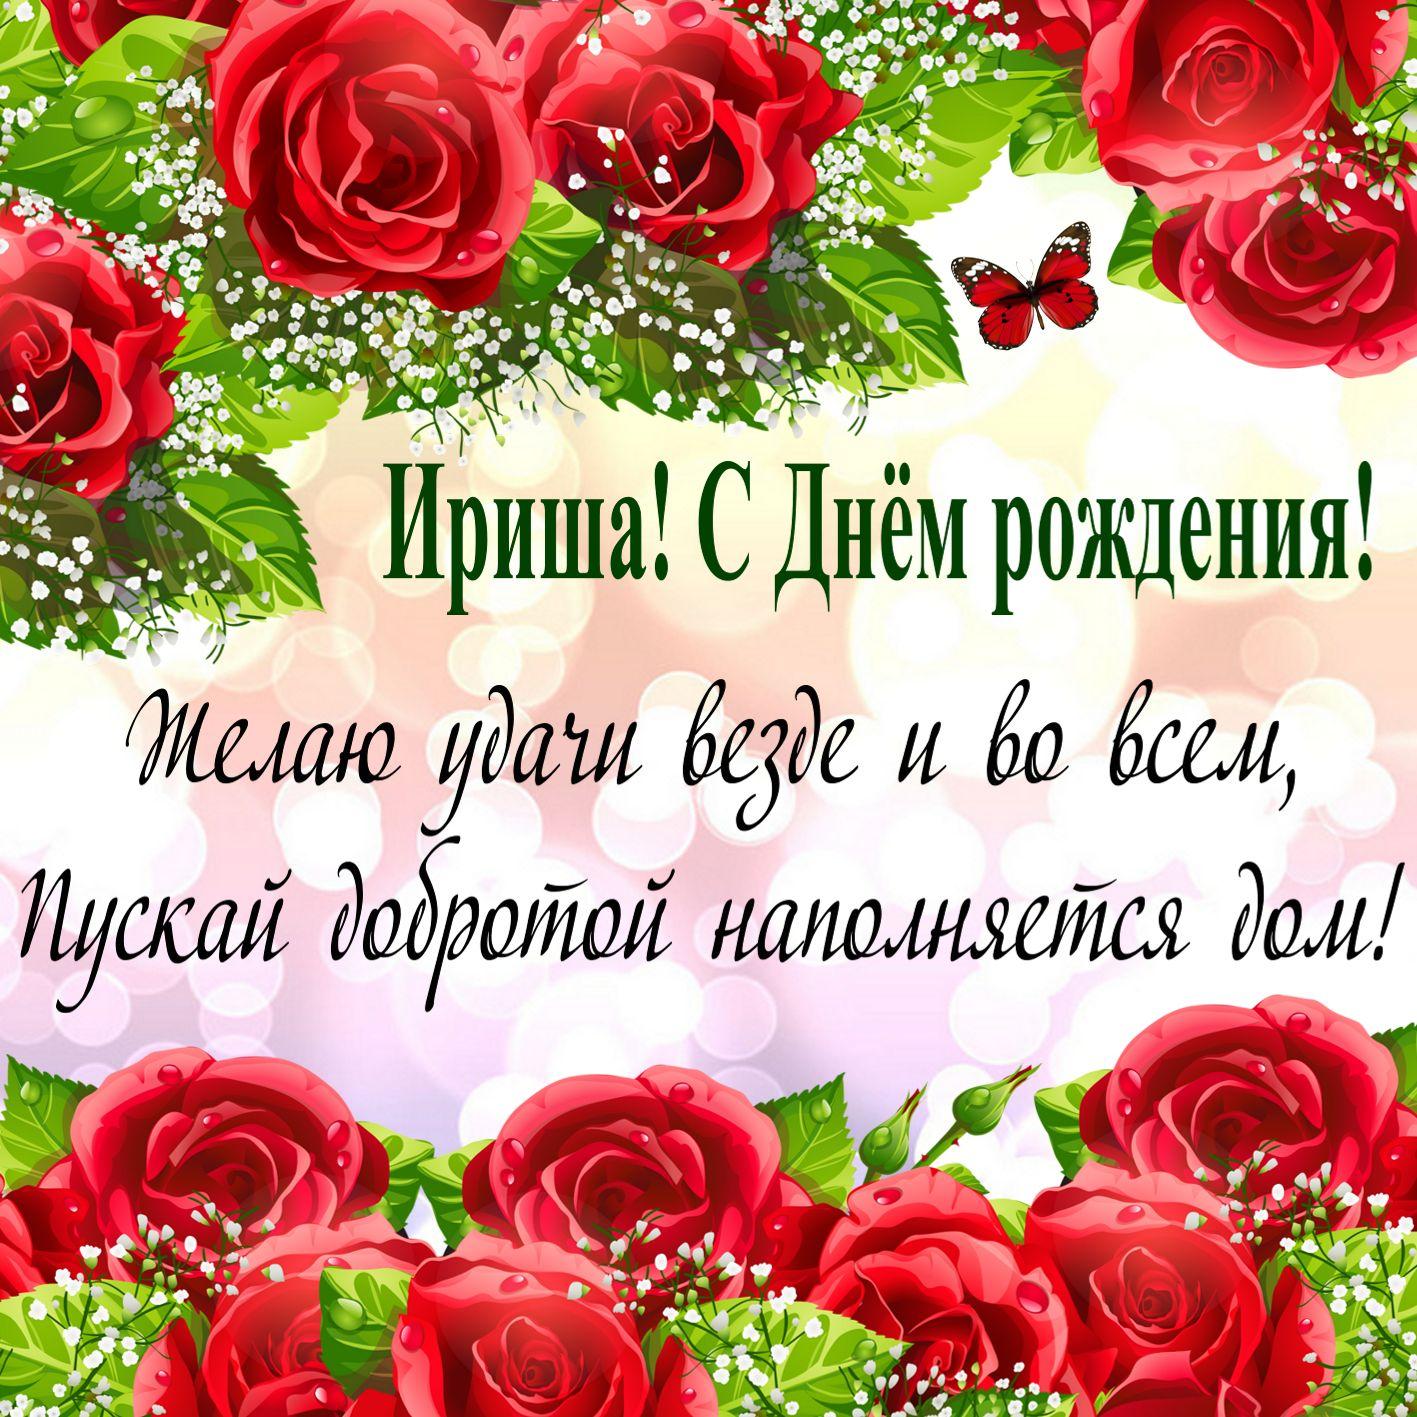 Открытка с Днем рождения Ирине - пожелание в оформлении из цветов